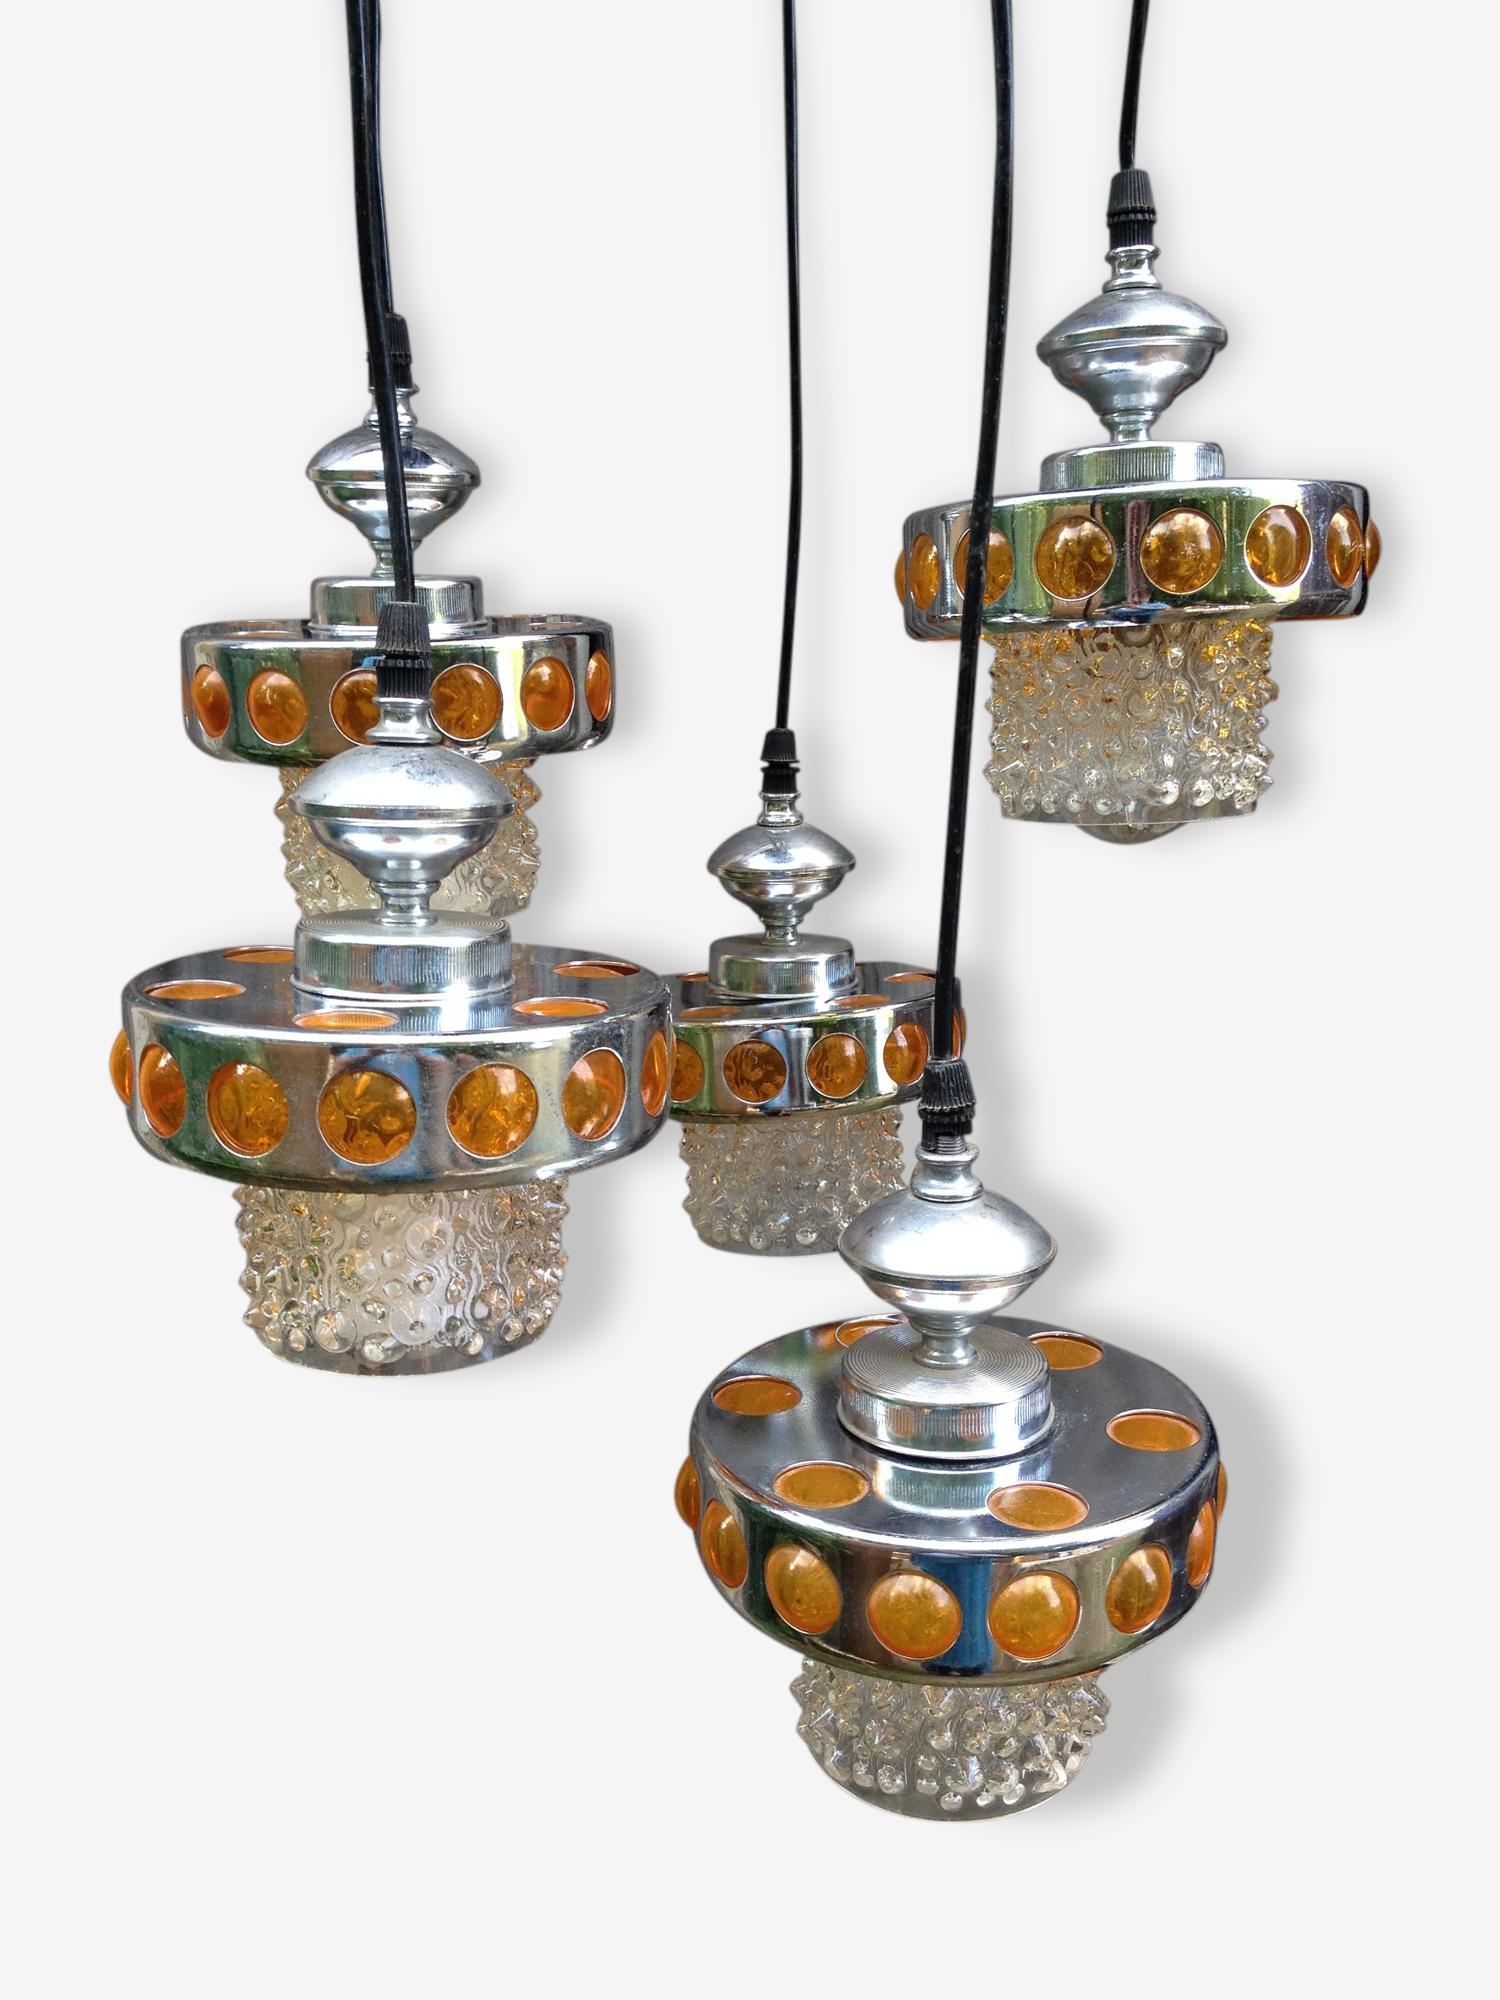 Suspension lustre vintage 1970 RAAK, 5 points lumineux, globe en verre bulle, métal chromé plastique orange